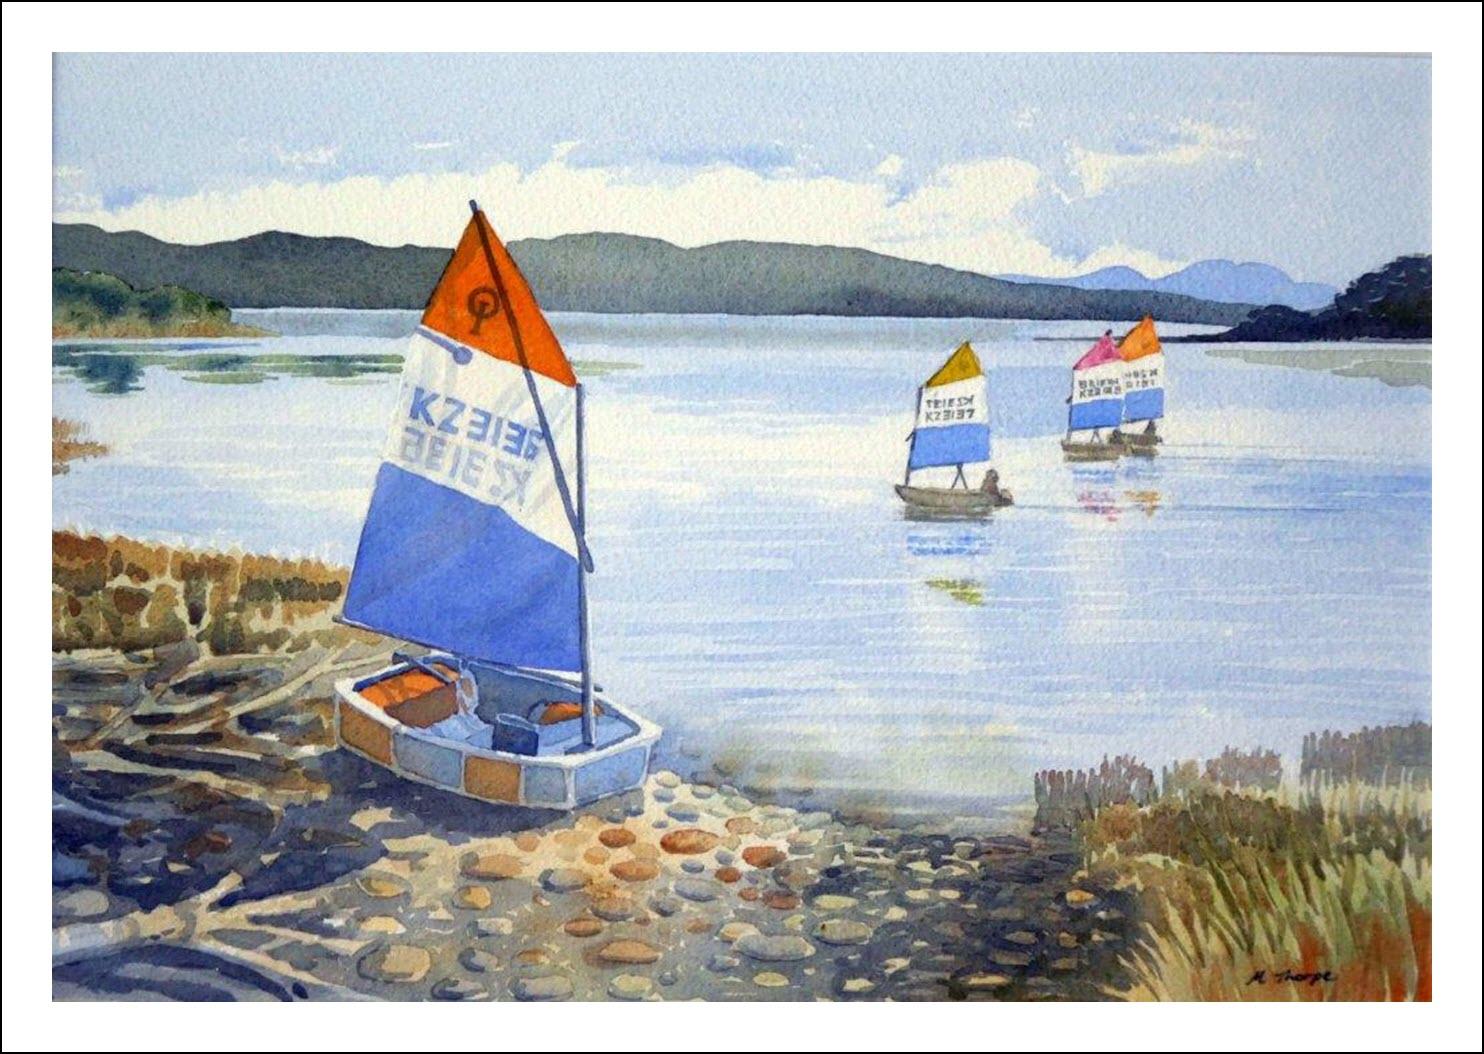 21. Parapara sailing - Golden Bay